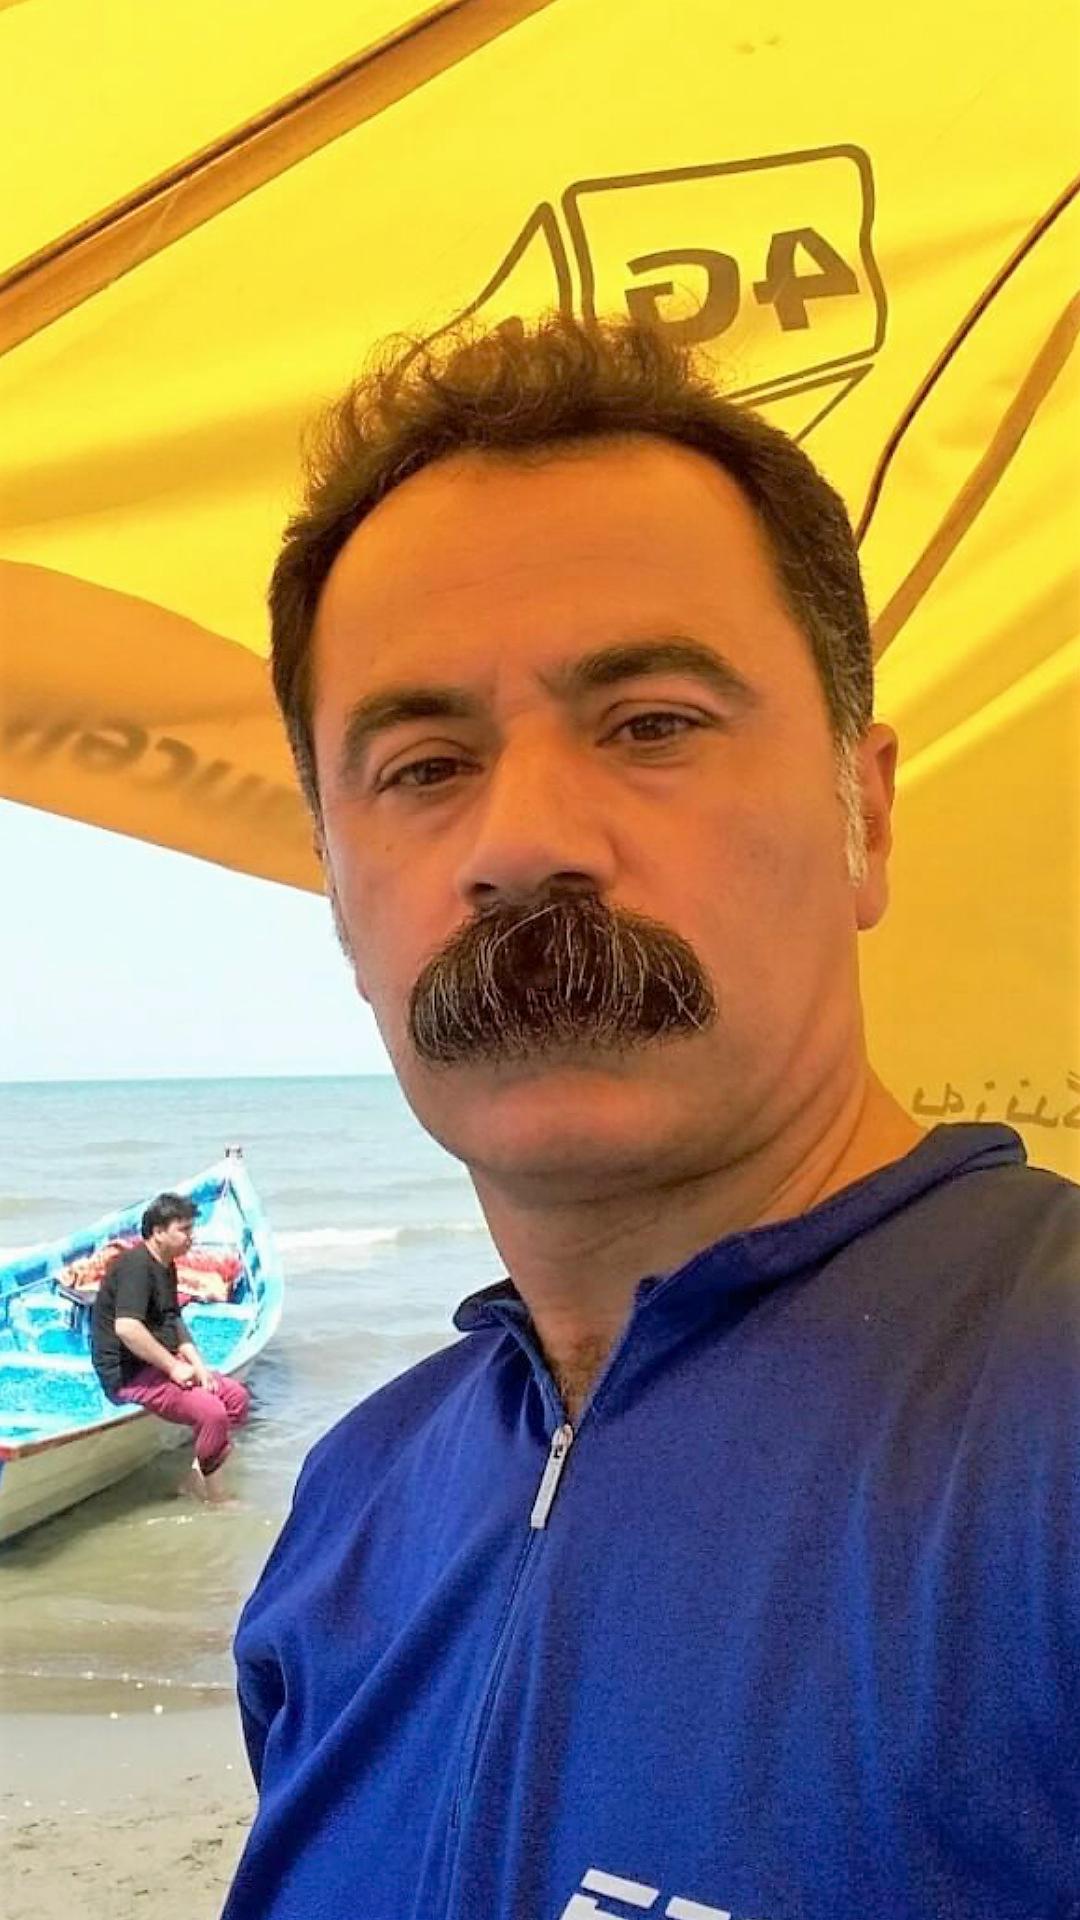 Walrus Moustache Walrus Mustache Moustaches Men Mustache Men